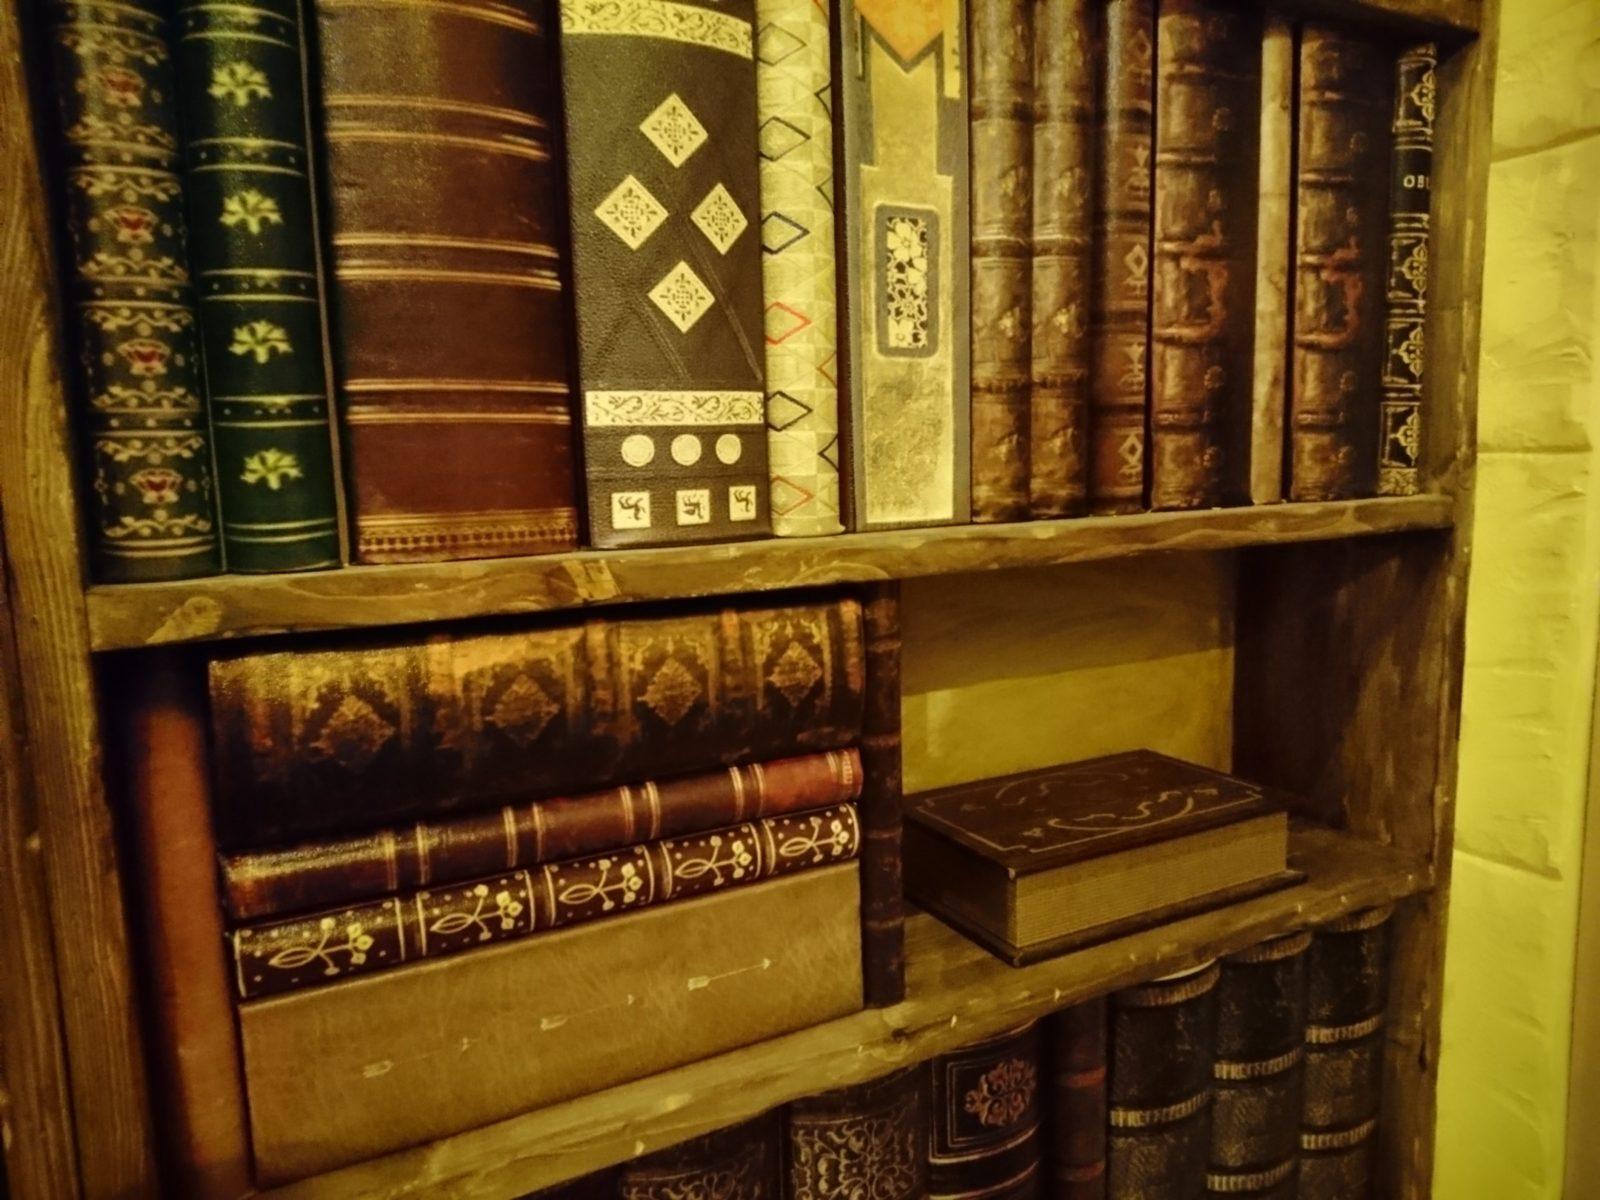 Nox-Escape Mizar magia libreria materie scuola di magia